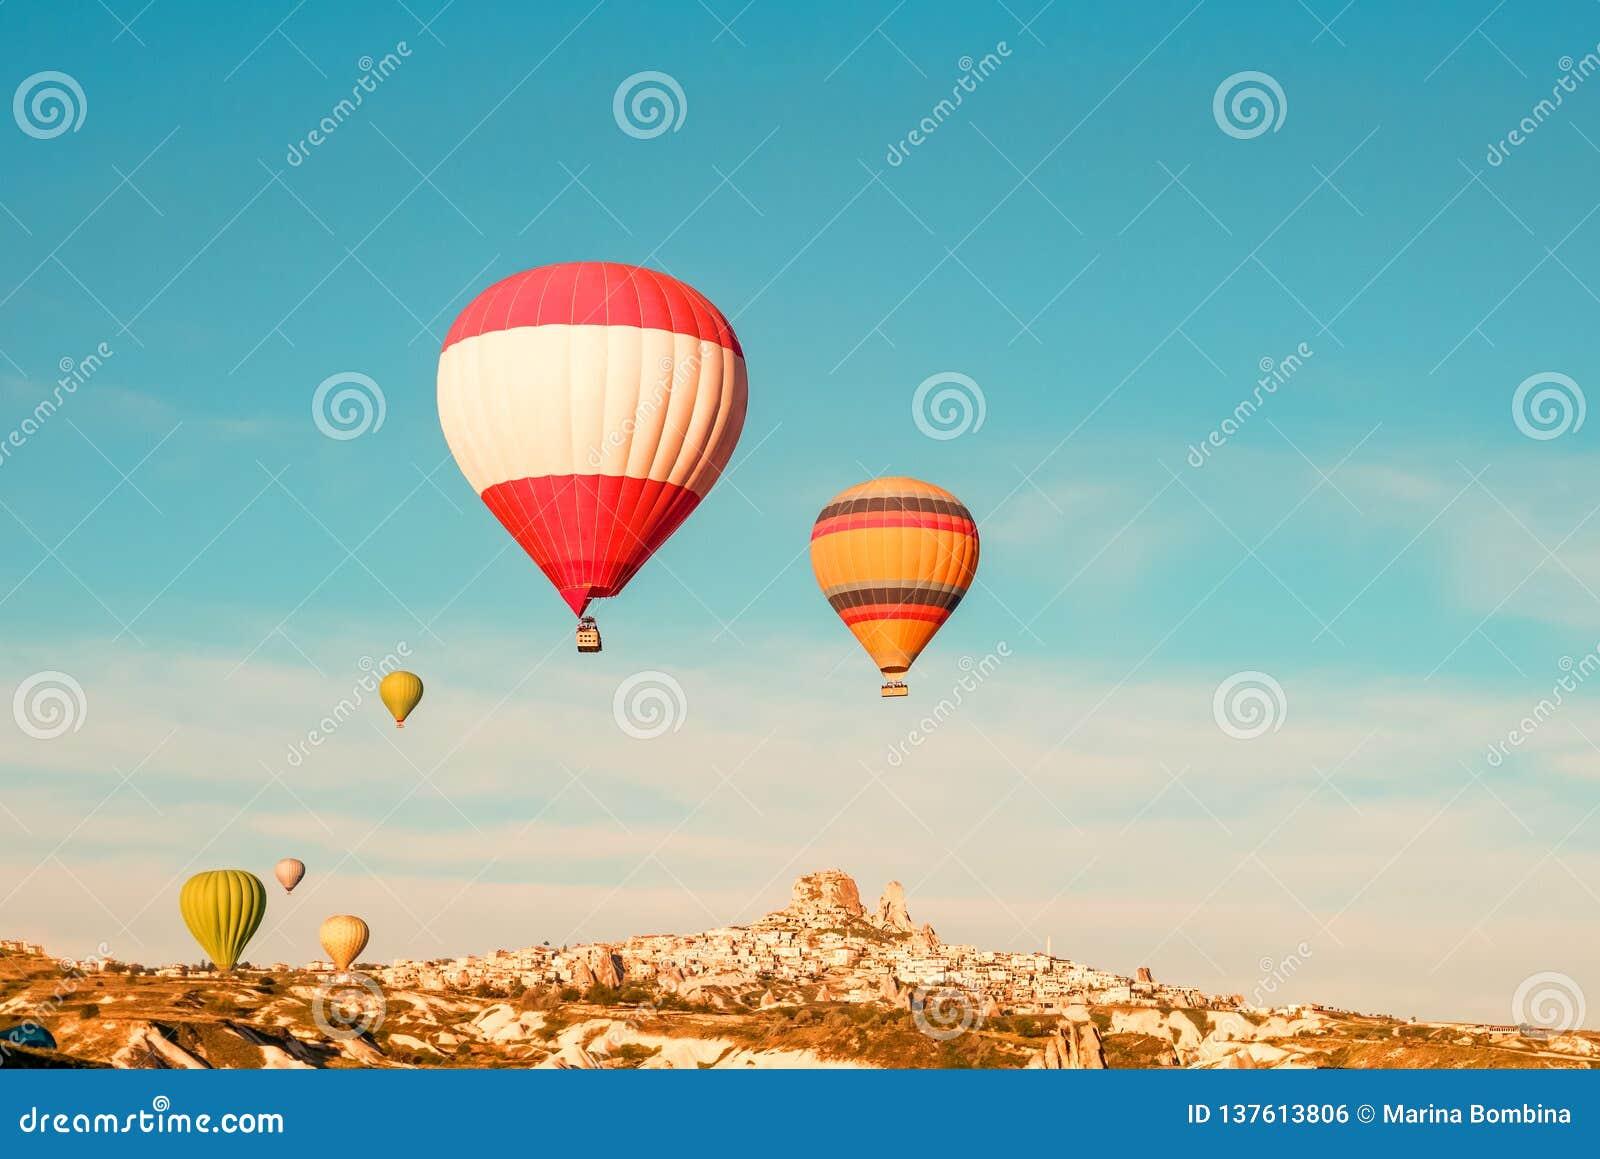 Kolorowy gorące powietrze szybko się zwiększać latanie blisko Uchisar kasztelu przy wschodem słońca, Cappadocia, Turcja